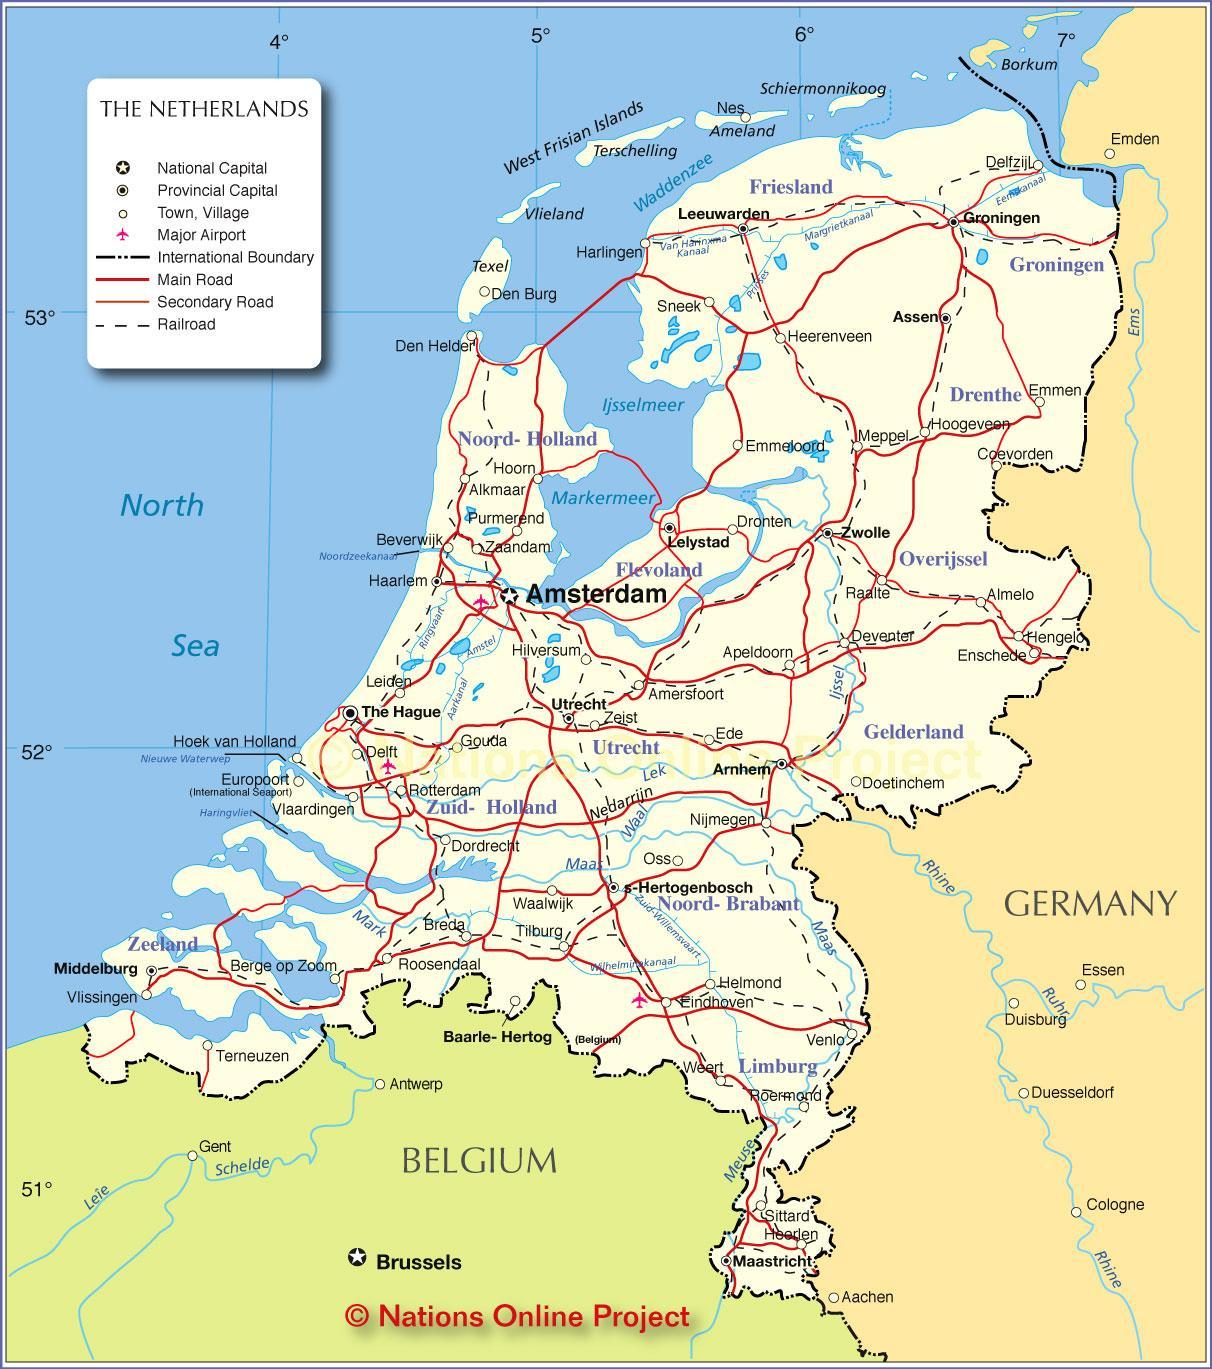 Karte Von Holland Landkarte Niederlande.Holland Landkarte Karte Von Holland Niederlande Westeuropa Europa